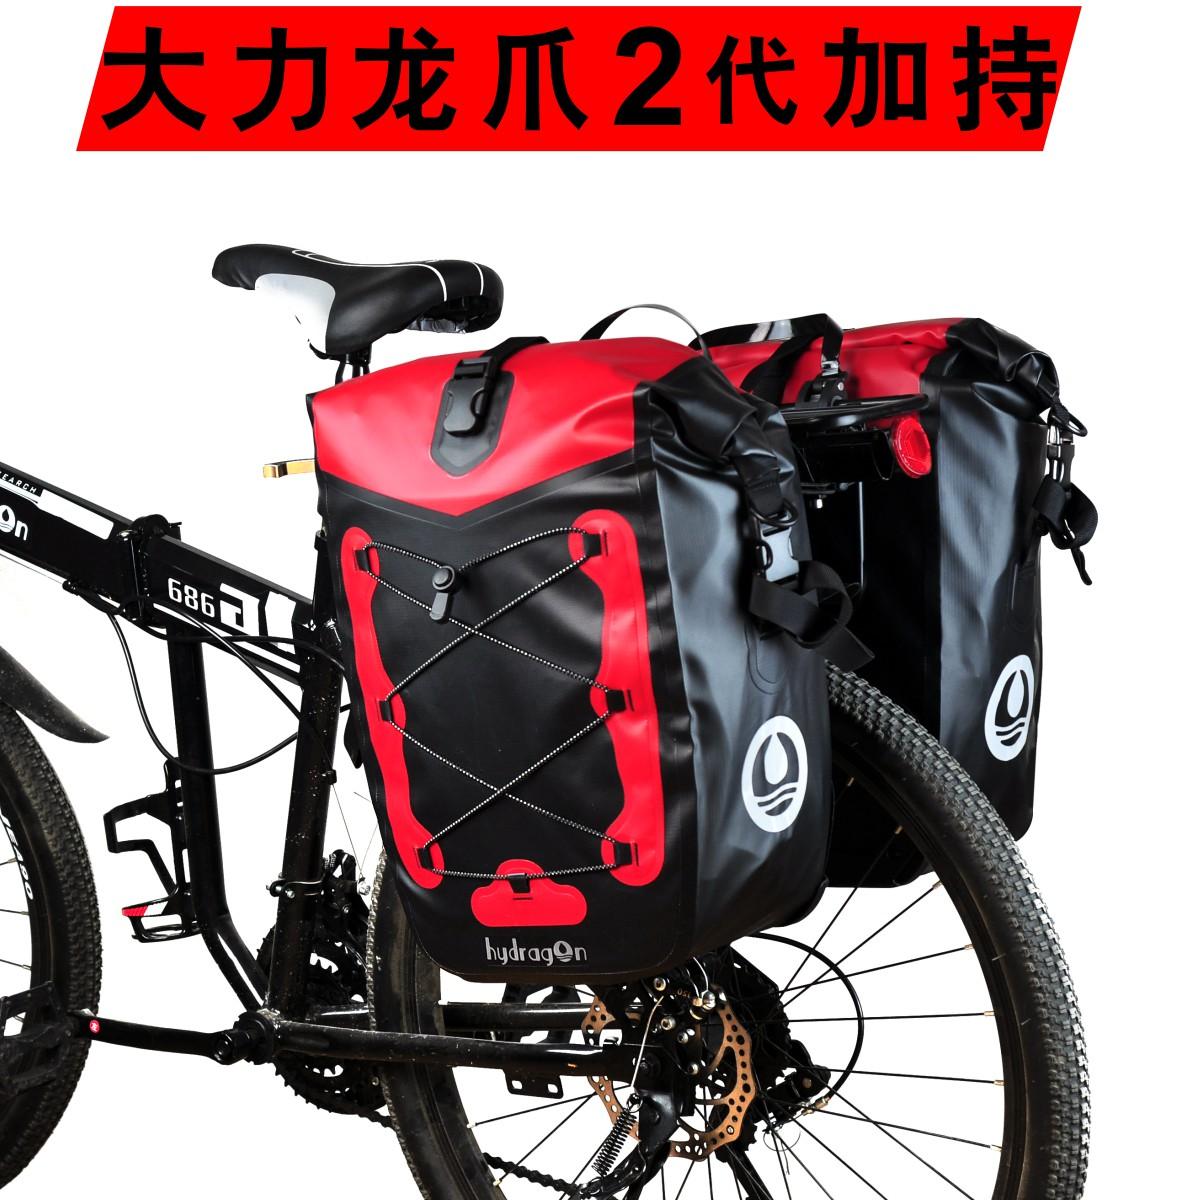 骚红色漂亮 自行车驮包山地车后架包防水大容量 龙爪2代悬挂骑行包